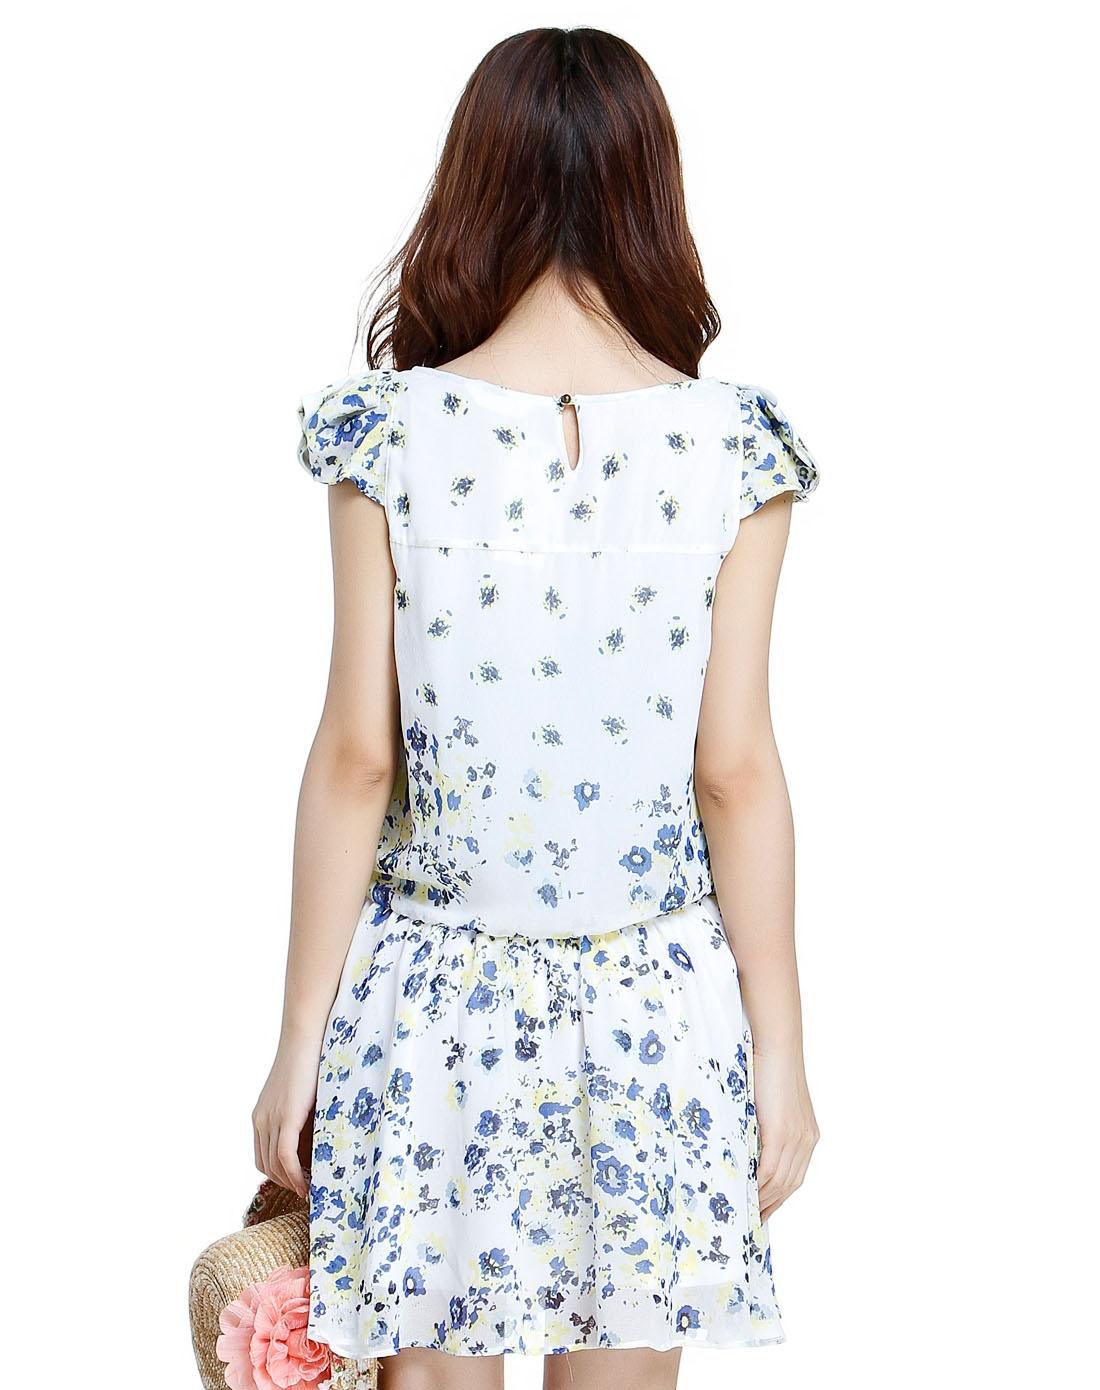 白底蓝黄色碎花短袖连衣裙